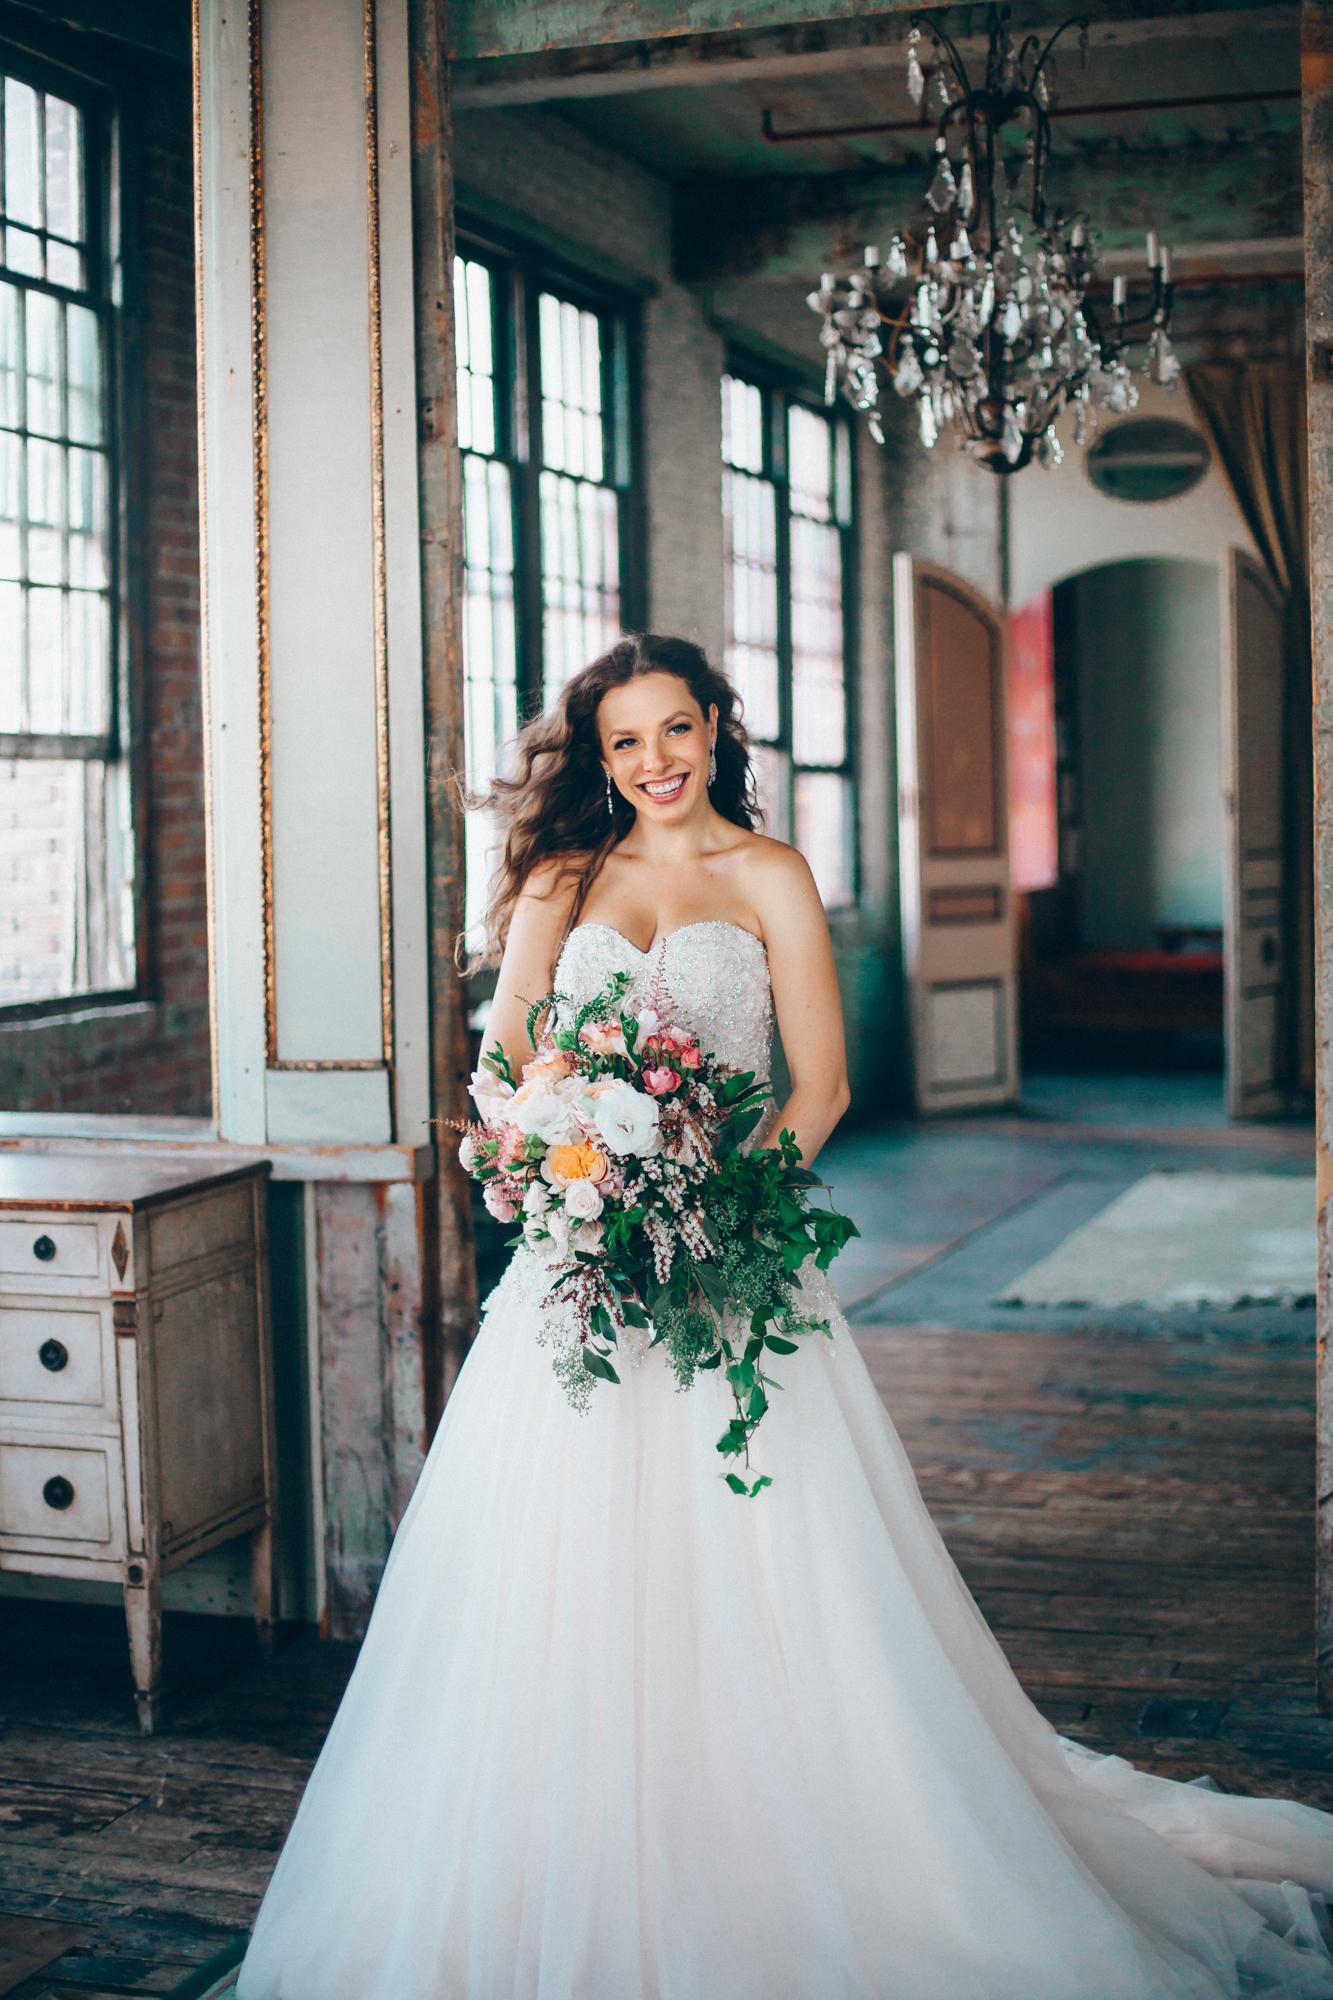 New York Wedding Photographer Boris Zaretsky Boris_Zaretsky_Photography_IMG_4058-Edit copy.jpg